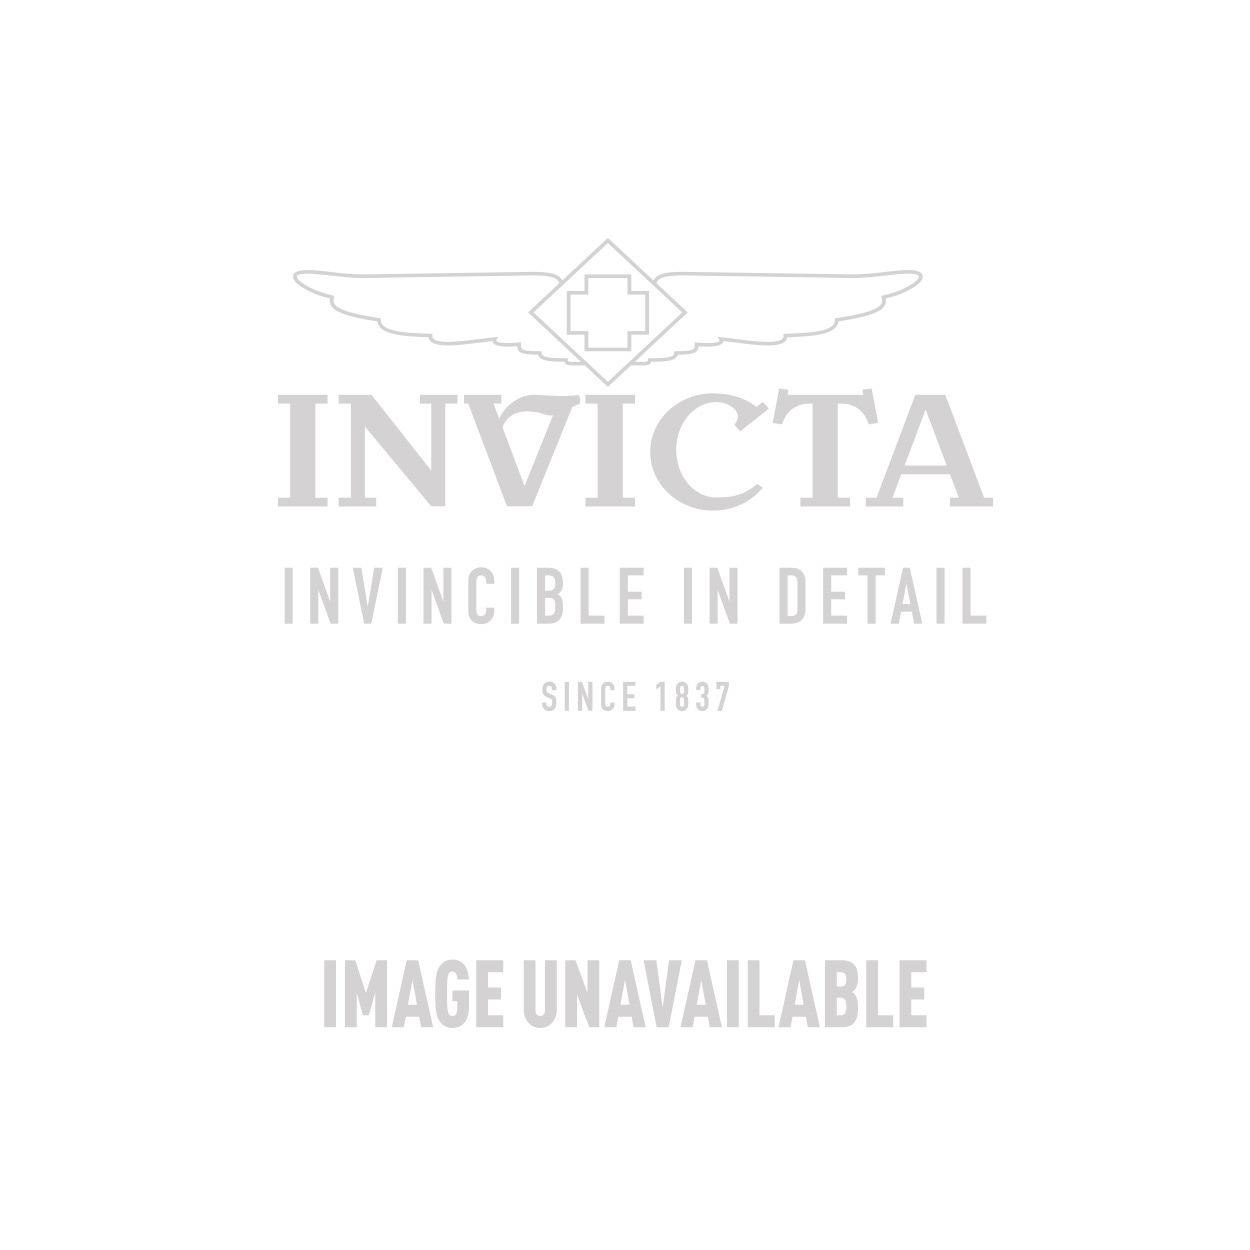 Invicta Model 25700